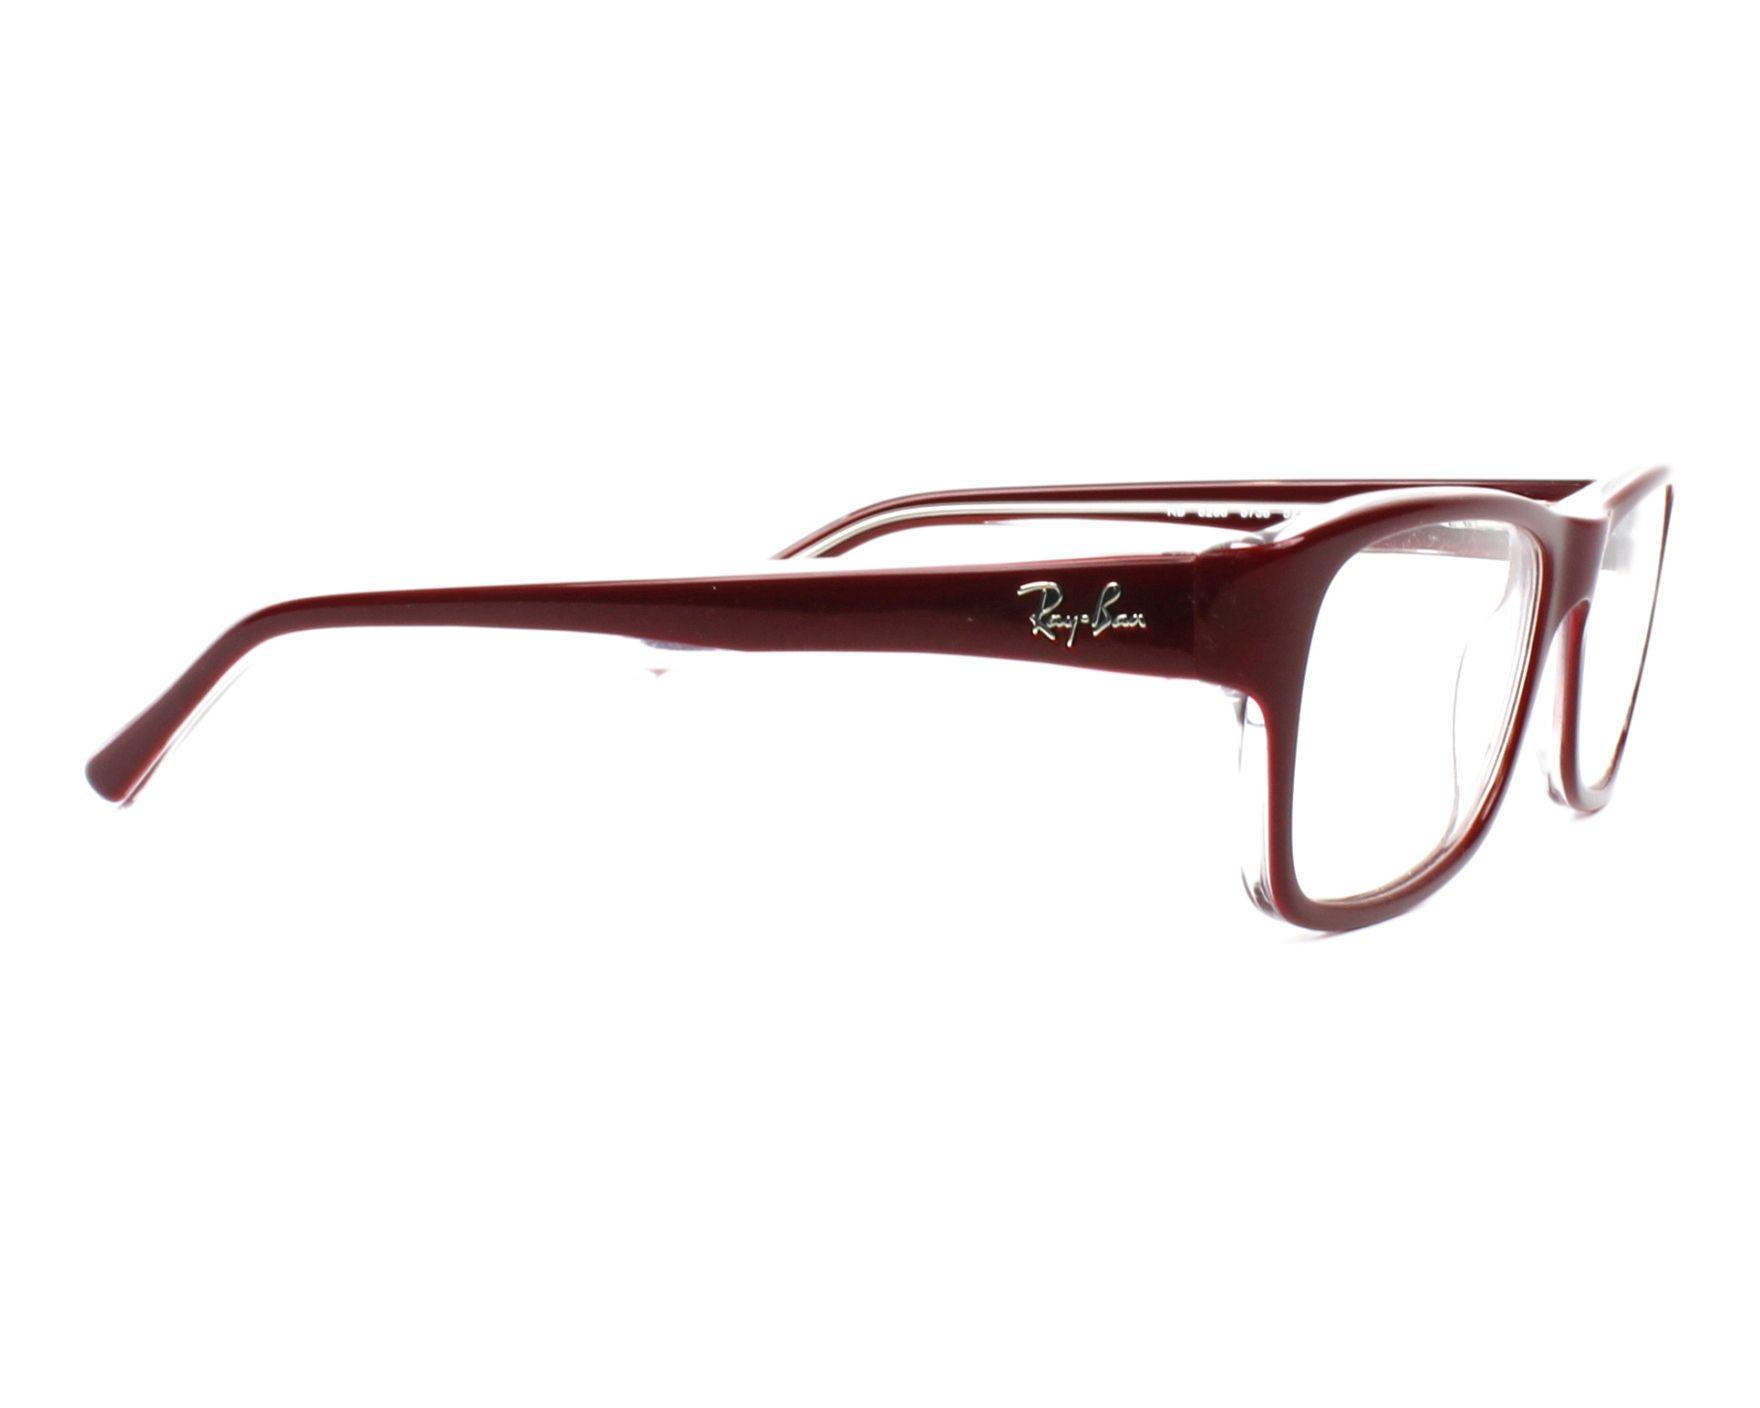 d2ff973fe6059 Gafas Graduadas Ray-Ban RX-5268 5738 52-17 Bordeaux vista lateral